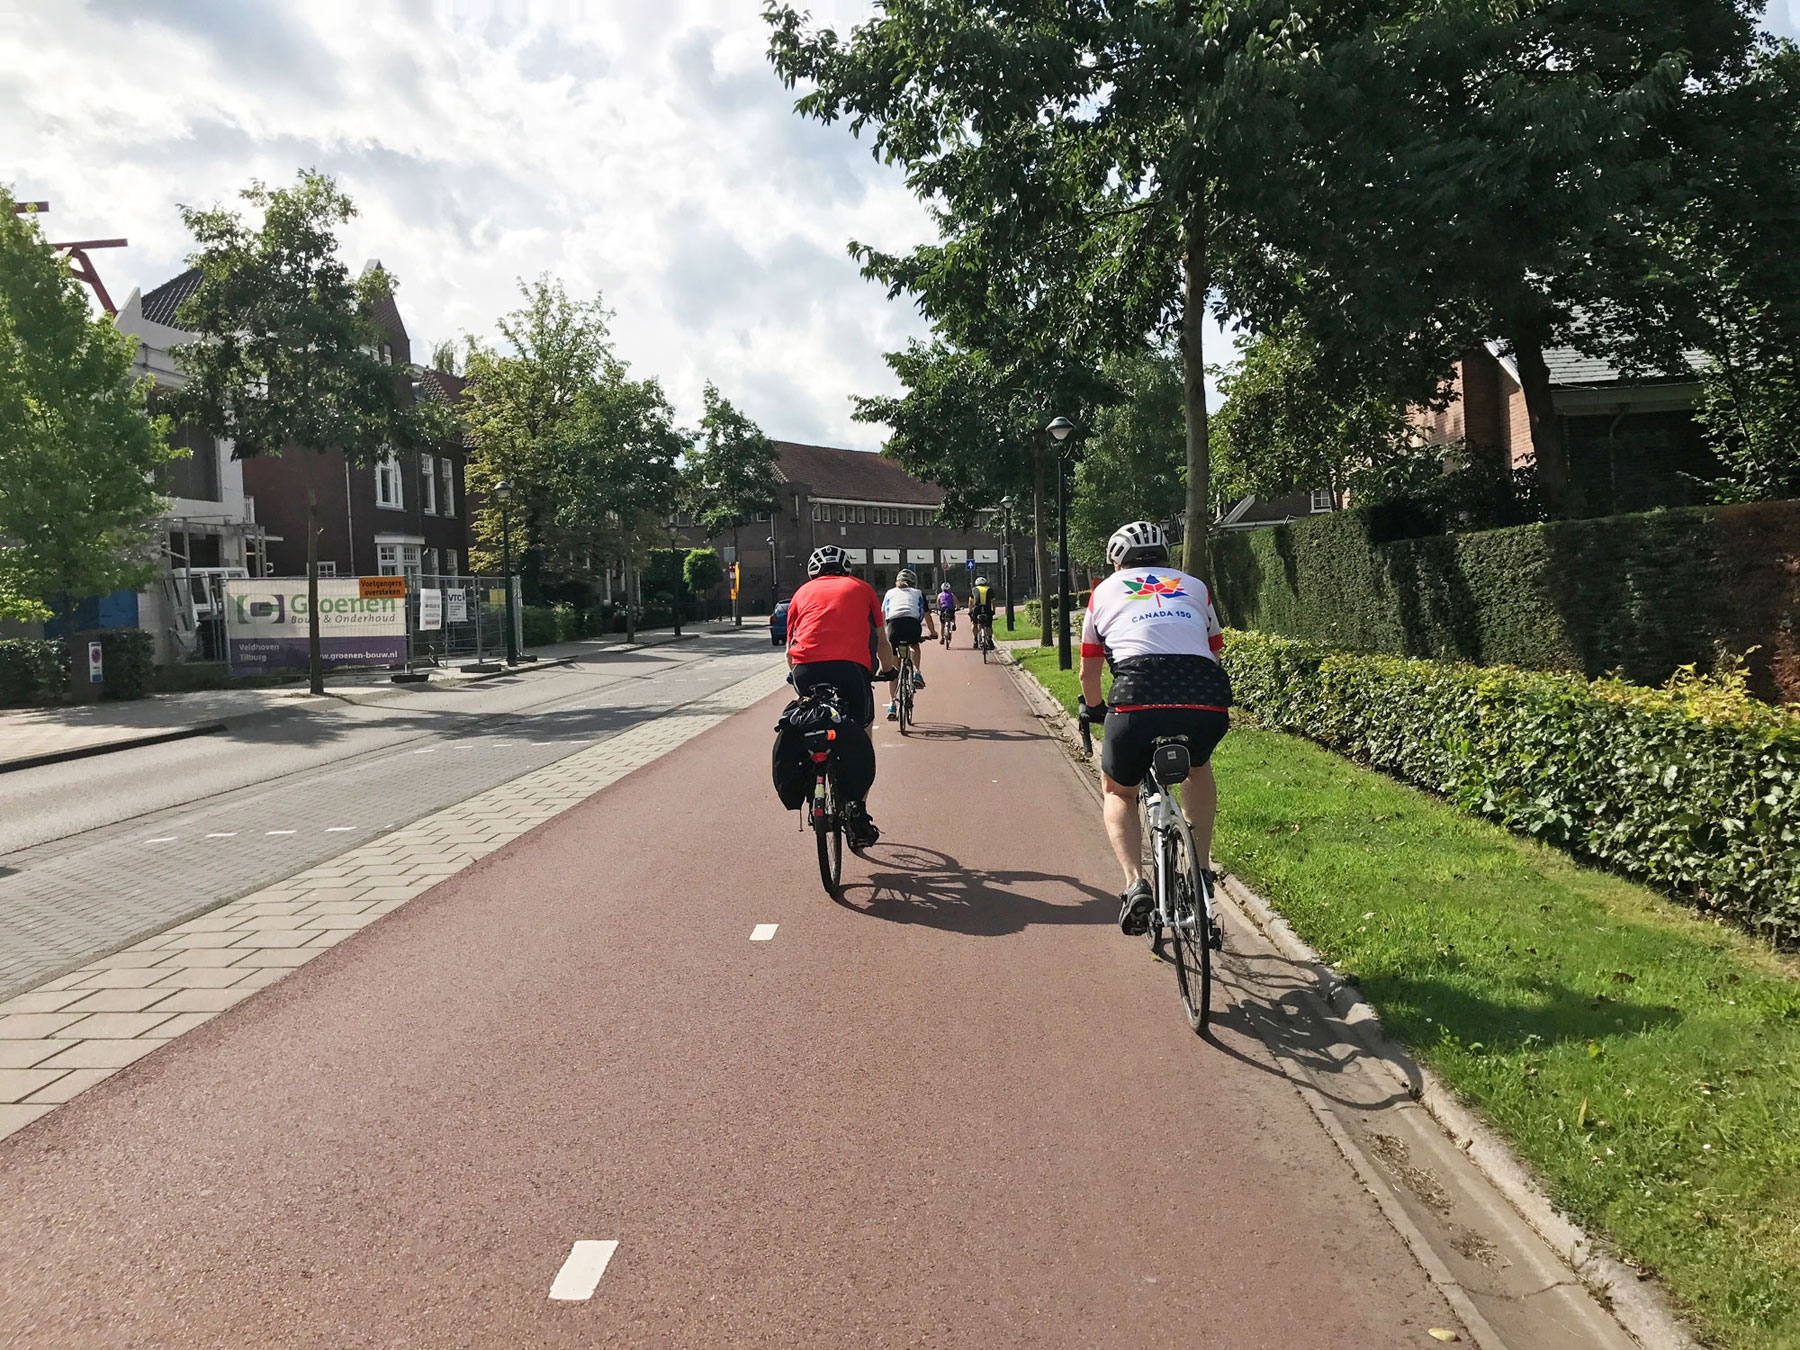 The road to Hamburg